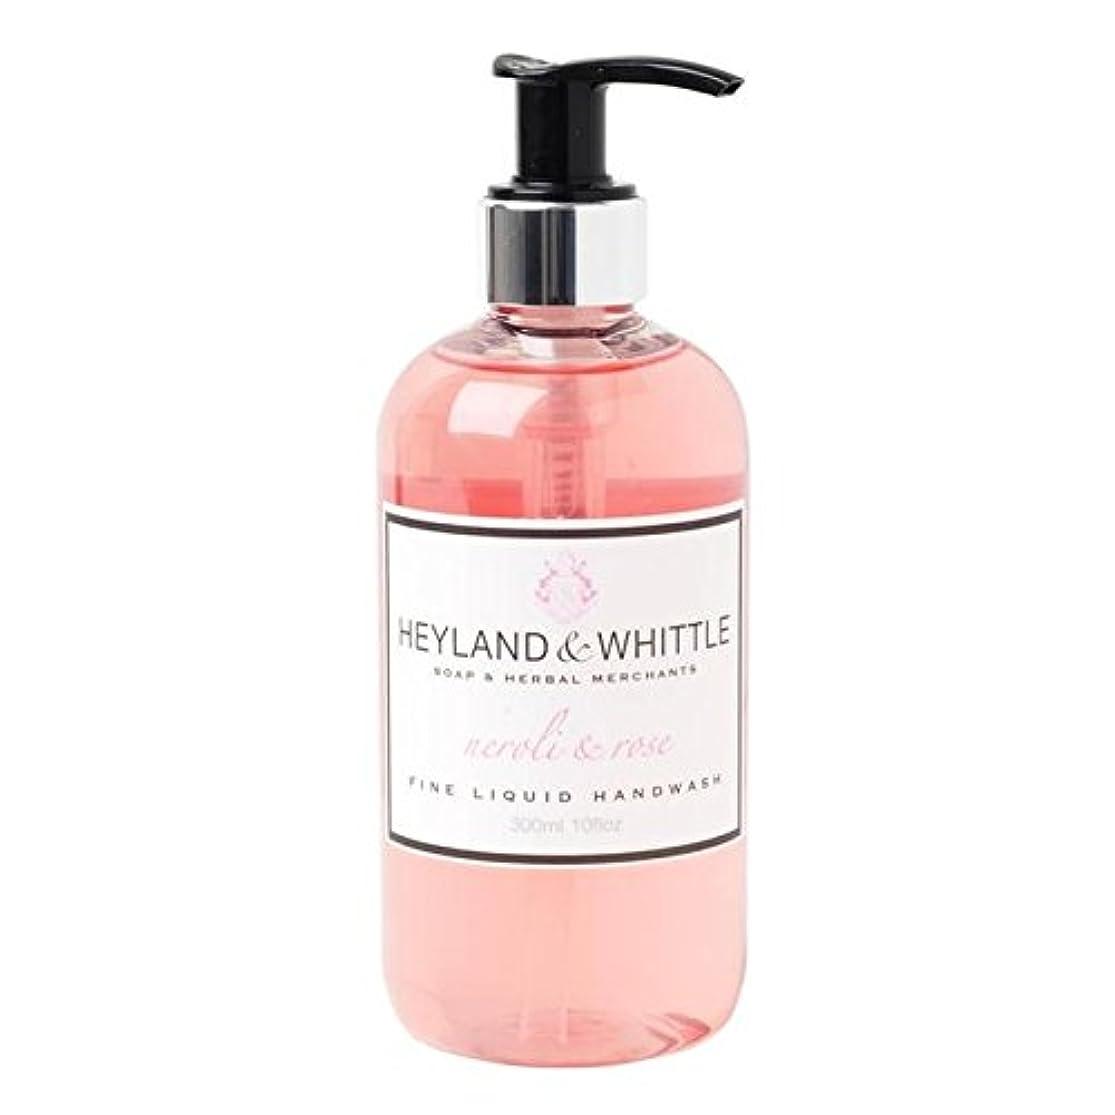 略語偶然カウントアップHeyland & Whittle Neroli & Rose Handwash 300ml - &削るネロリ&手洗いの300ミリリットルをバラ [並行輸入品]